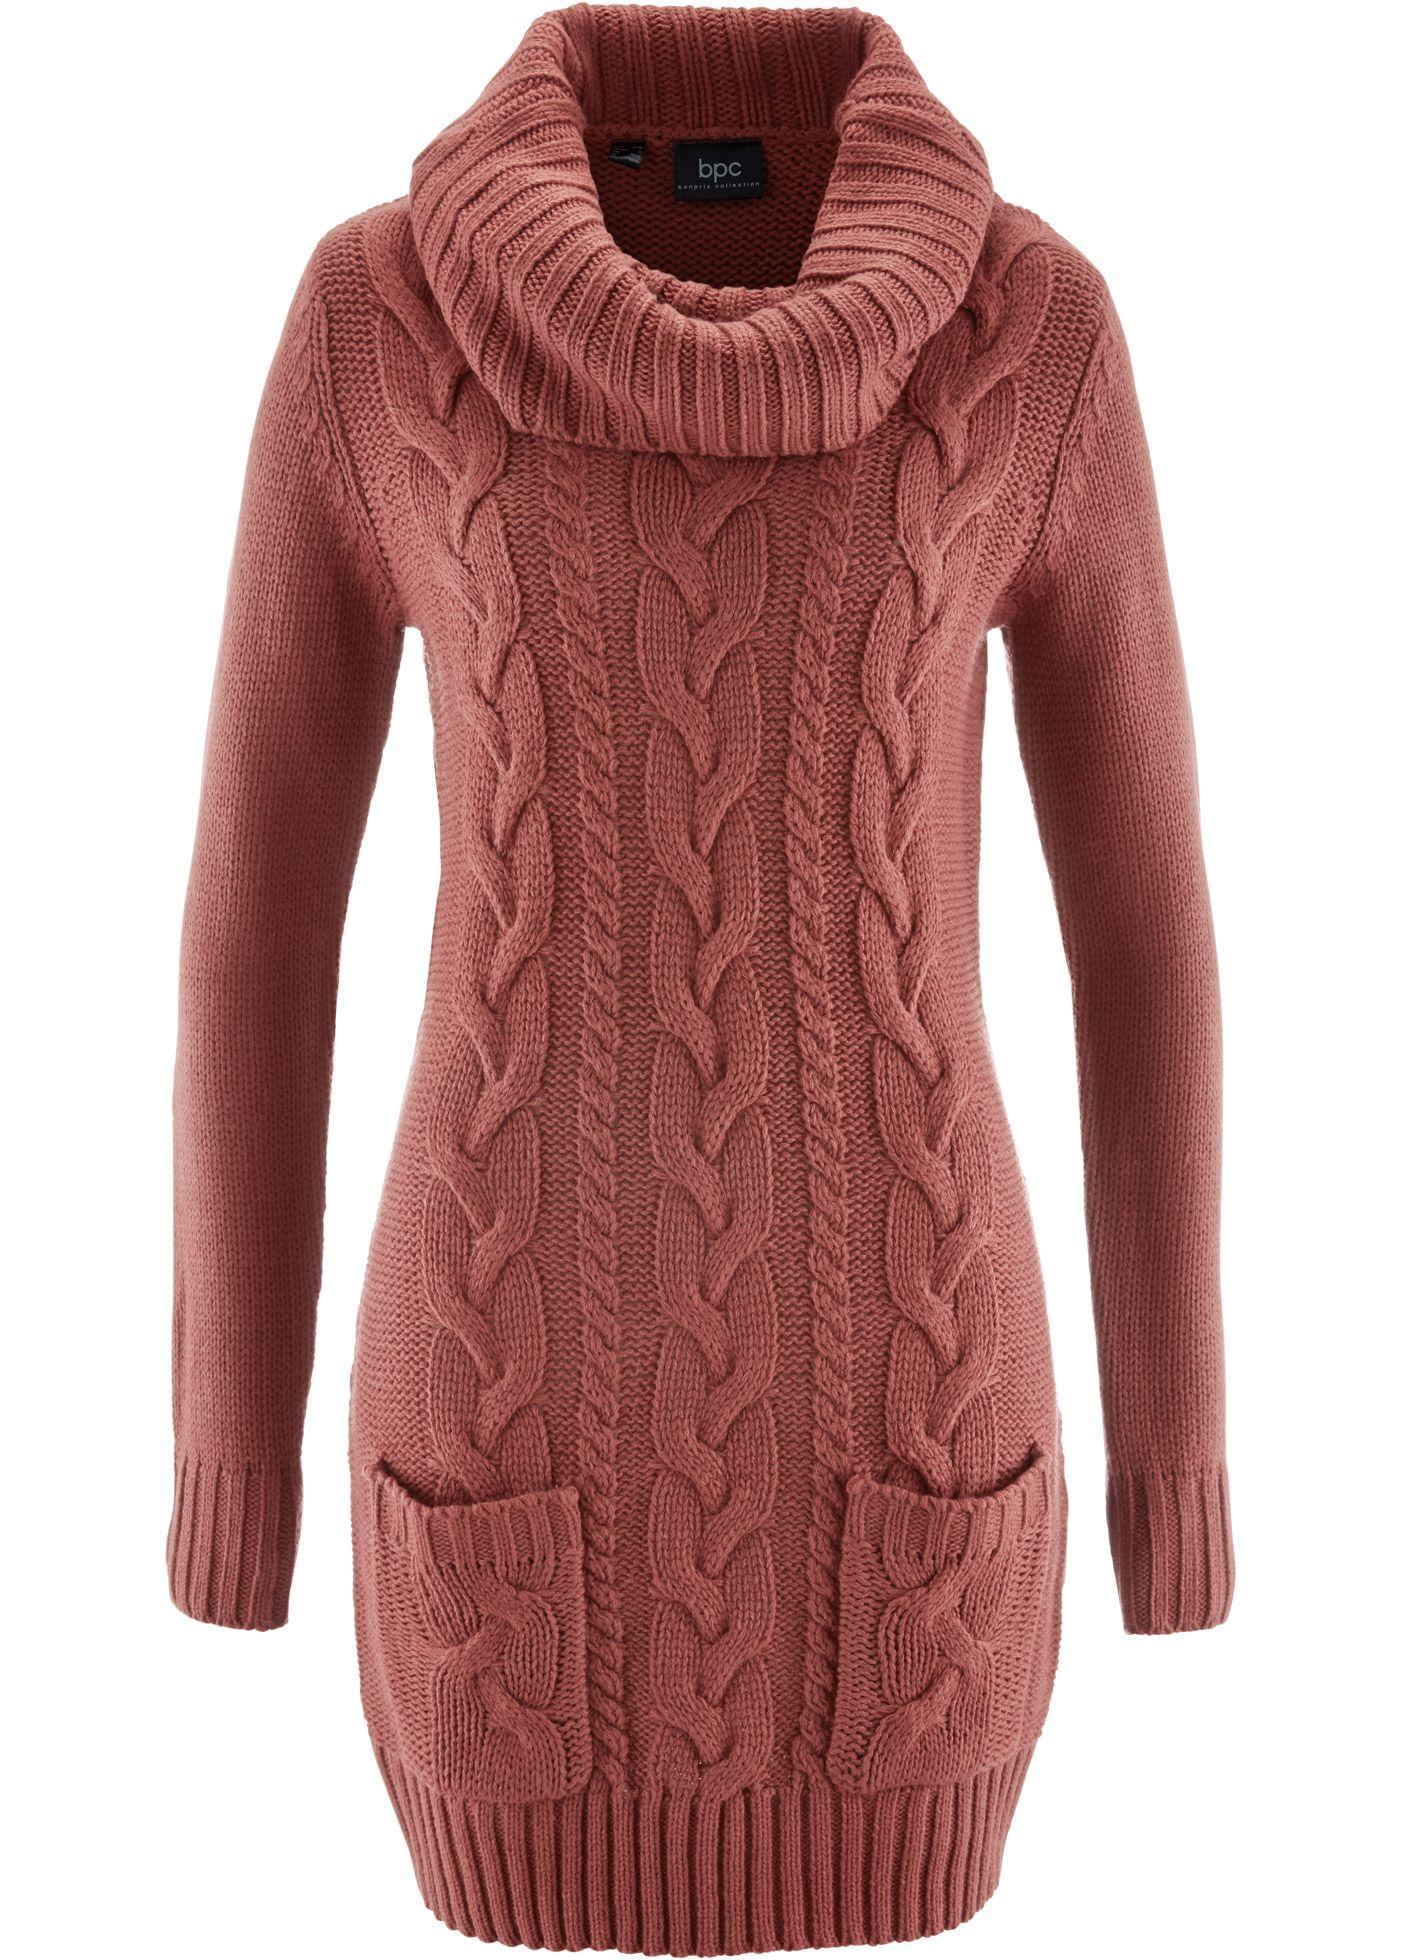 Commandez maintenant Robe en maille marron marsala - bpc bonprix collection  à partir de 23,99   sur bonprix.fr. Must-have de l hiver ! Superbe robe en . 7a004c8d21f4